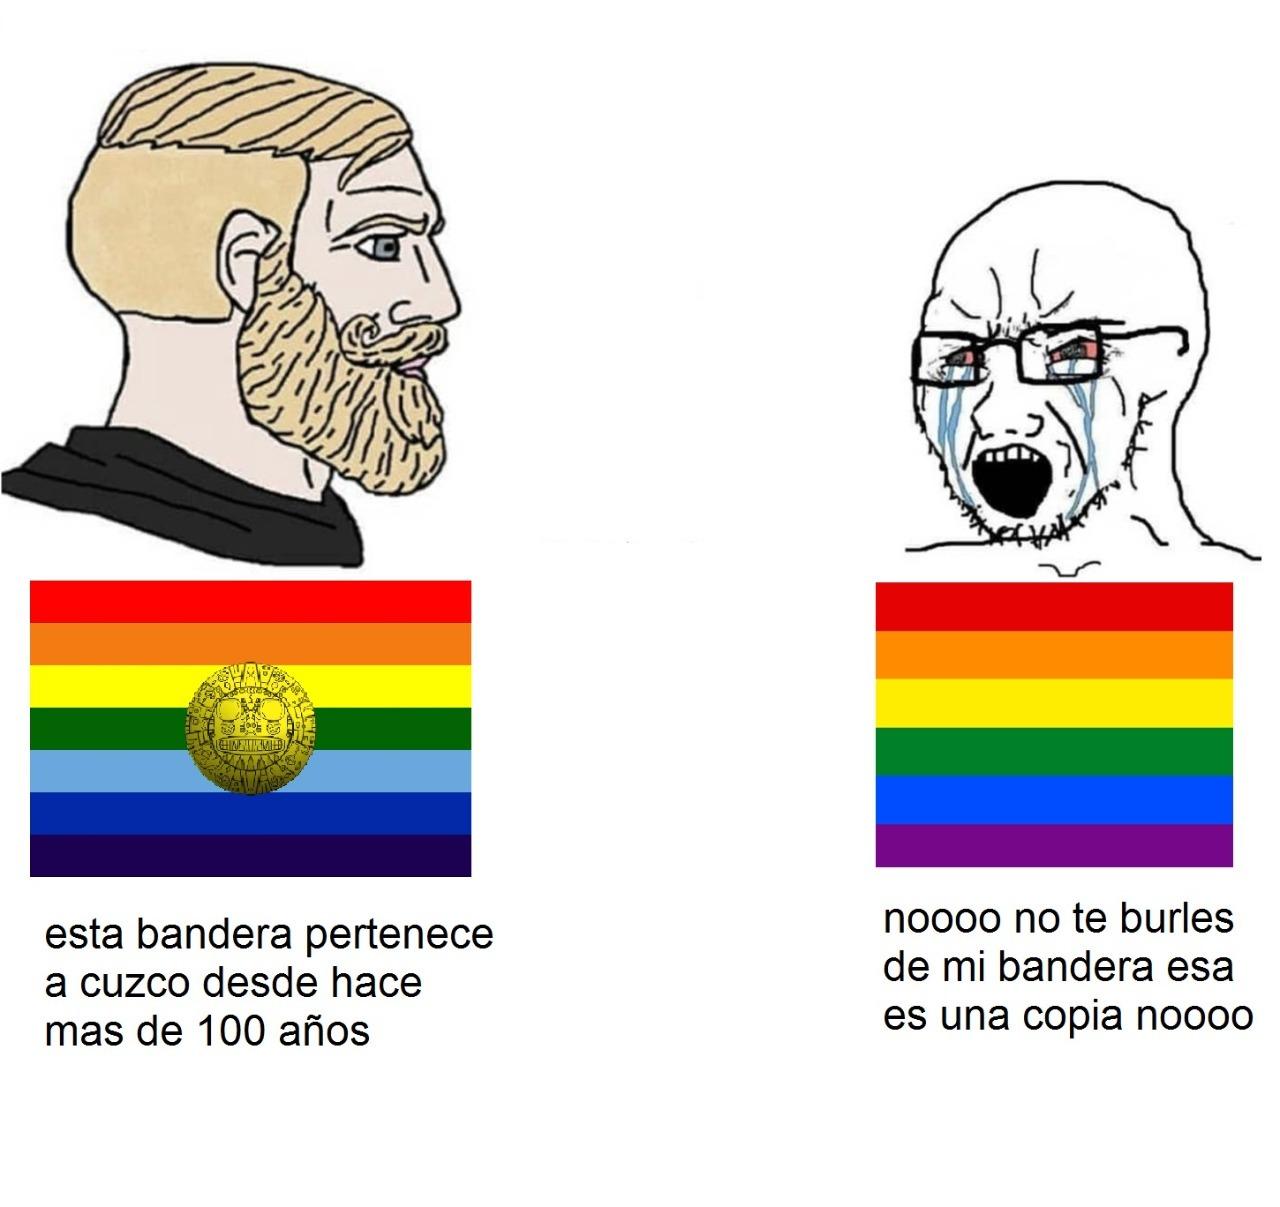 Cuzco es un departamento del Perú - meme